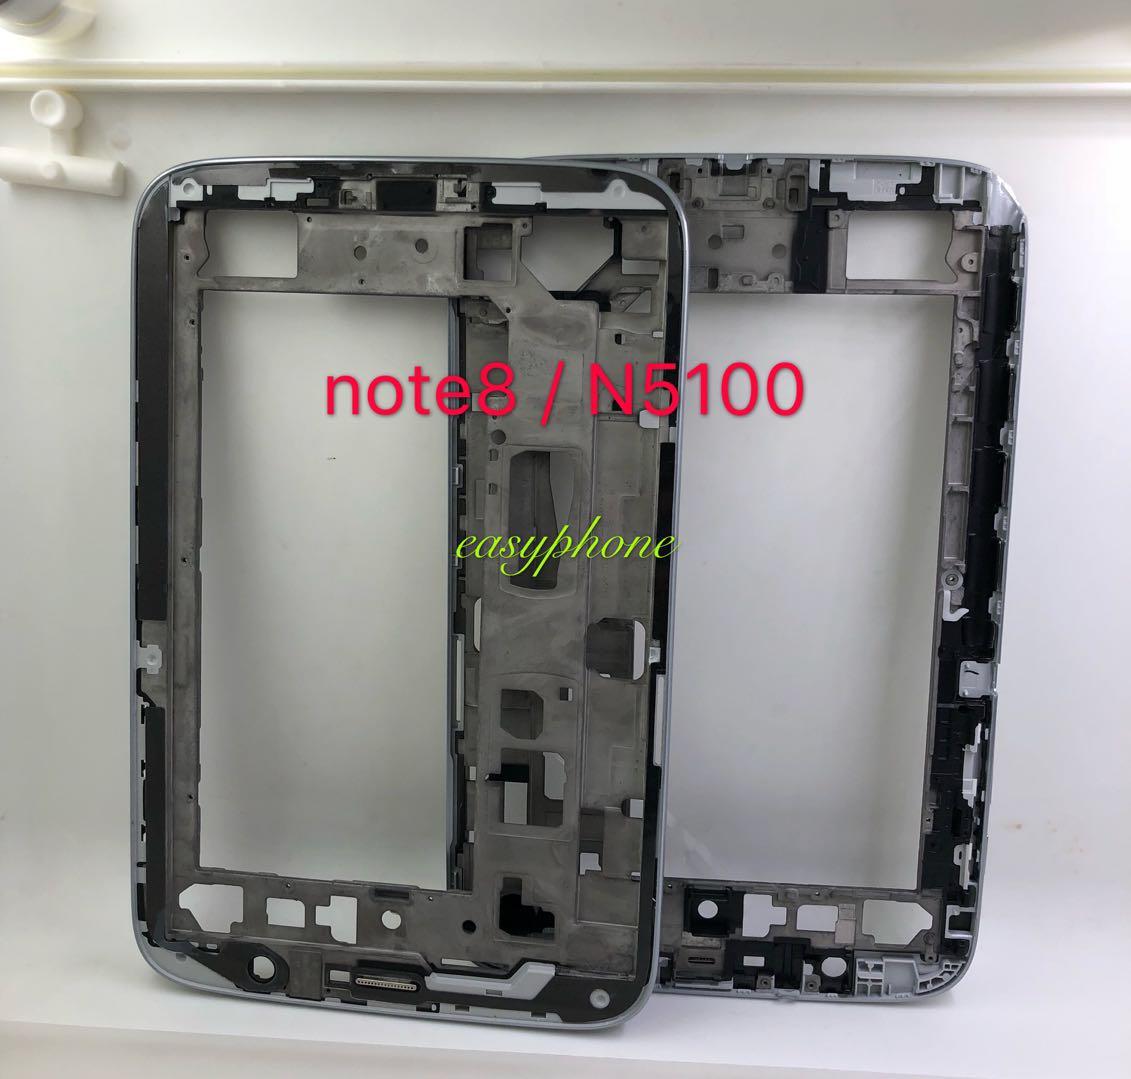 เคสกลาง N5100 / Note8